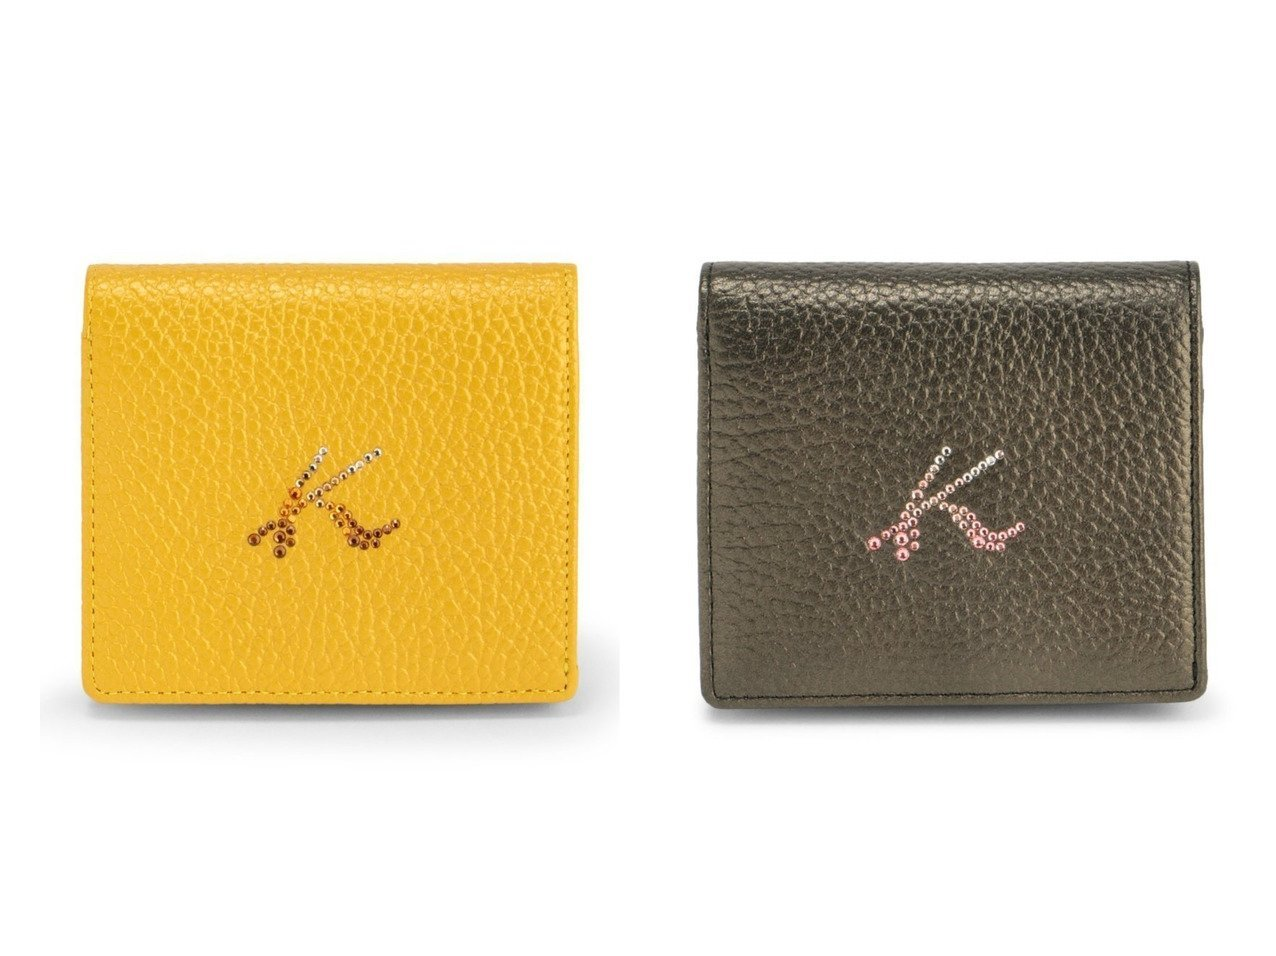 【KitamuraK2/キタムラケイツウ】のキタムラ牛革ボックス型二つ折り財布 U-72 おすすめ!人気、トレンド・レディースファッションの通販  おすすめで人気の流行・トレンド、ファッションの通販商品 インテリア・家具・メンズファッション・キッズファッション・レディースファッション・服の通販 founy(ファニー) https://founy.com/ ファッション Fashion レディースファッション WOMEN 財布 Wallets グラデーション ストーン ボックス 財布  ID:crp329100000062880